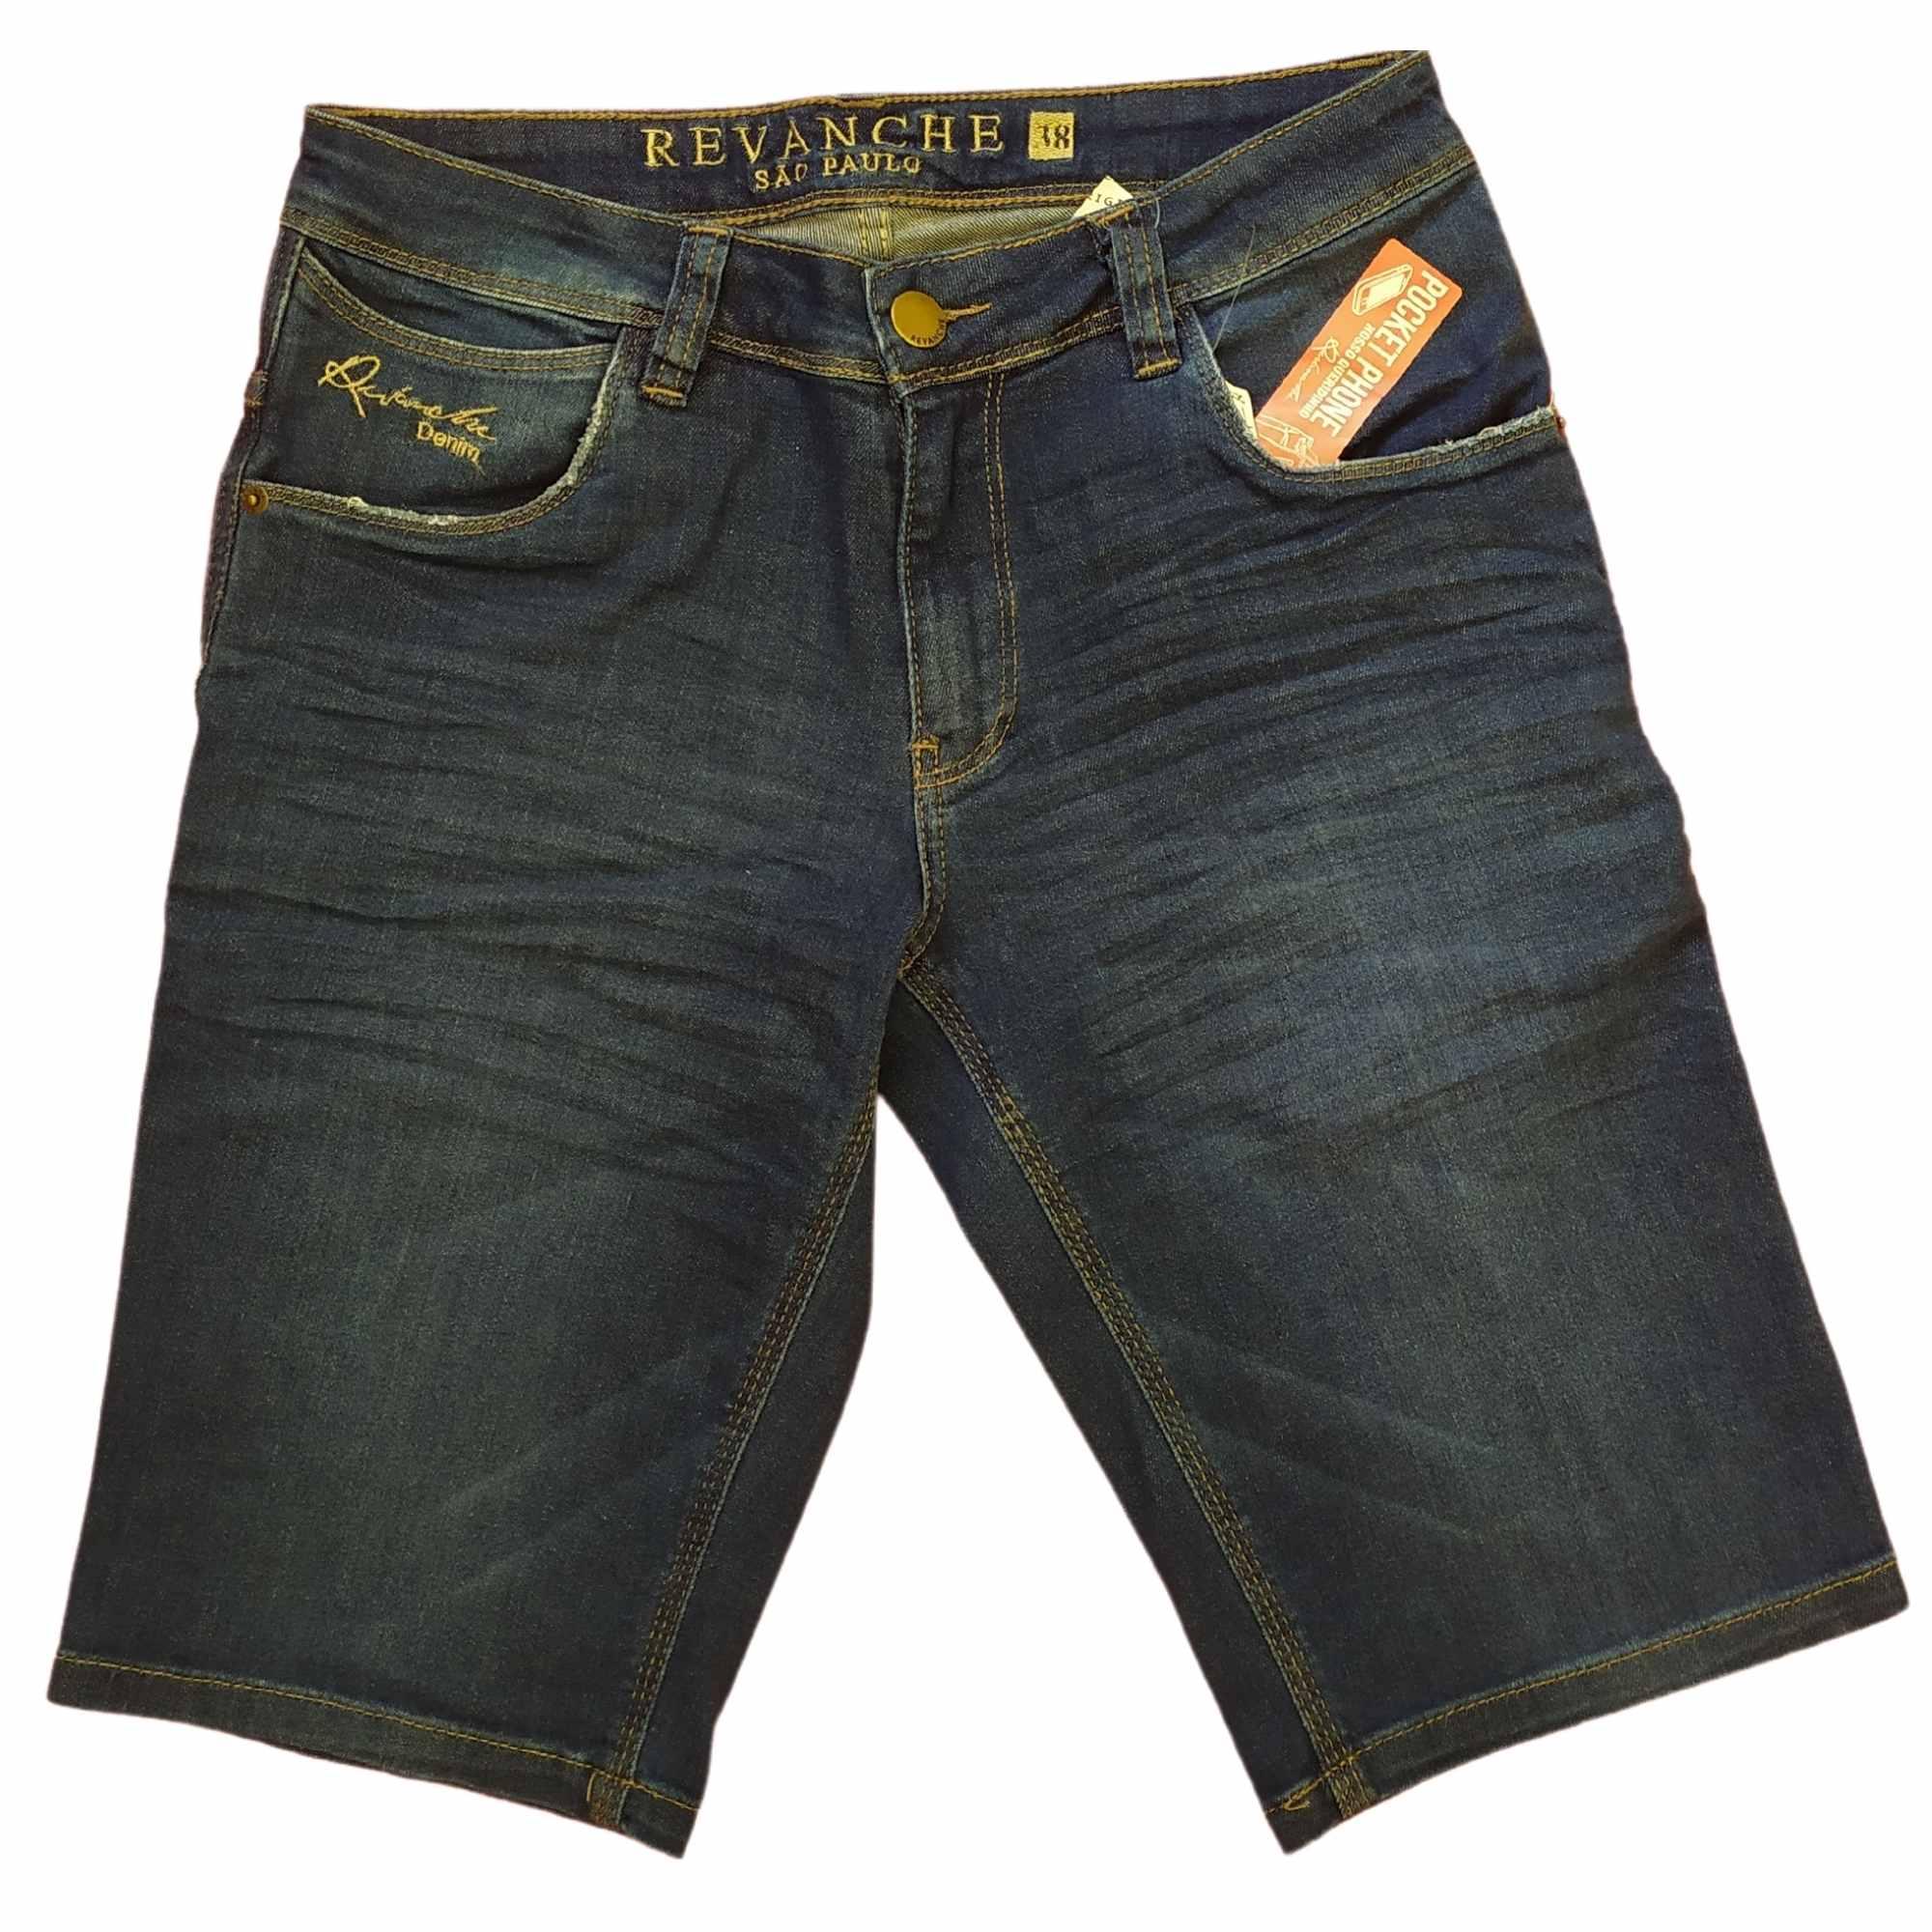 Bermuda Revanche 103780